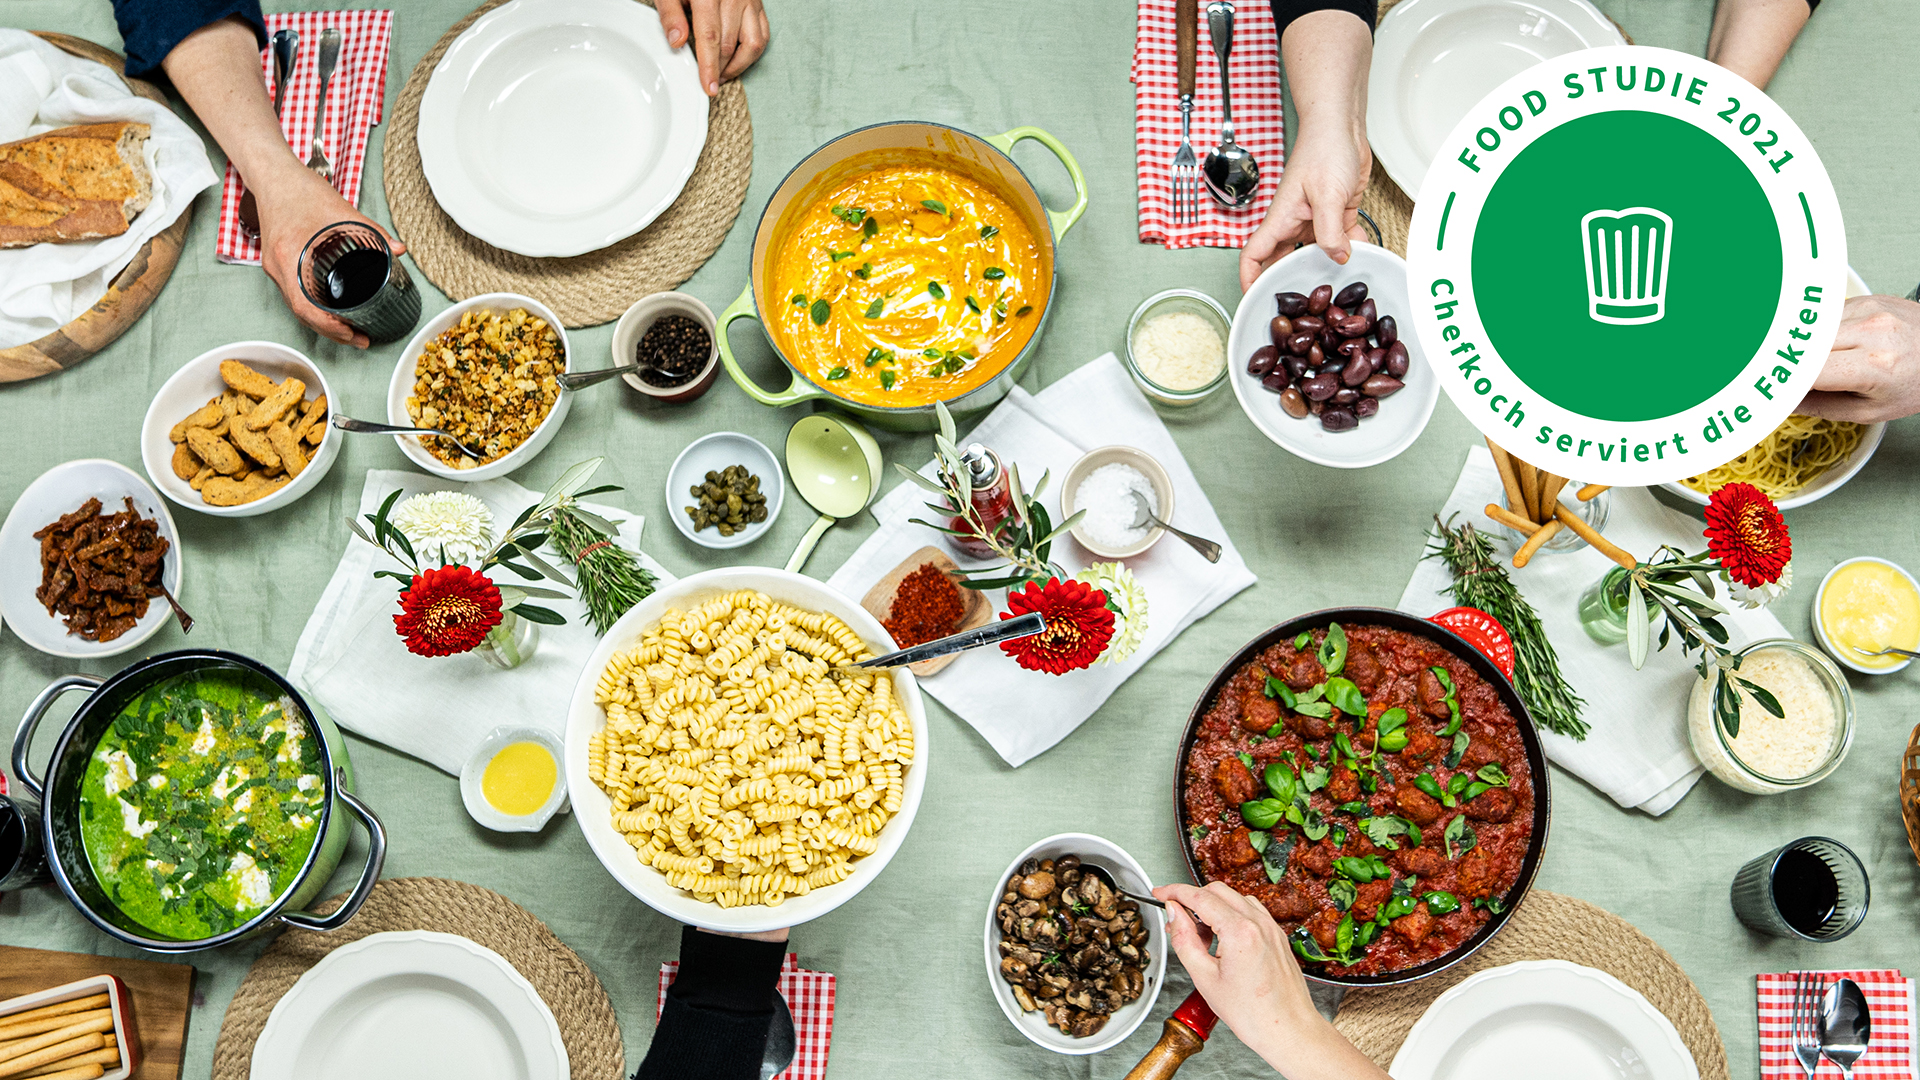 Food Studie 2021 - Chefkoch serviert die Fakten